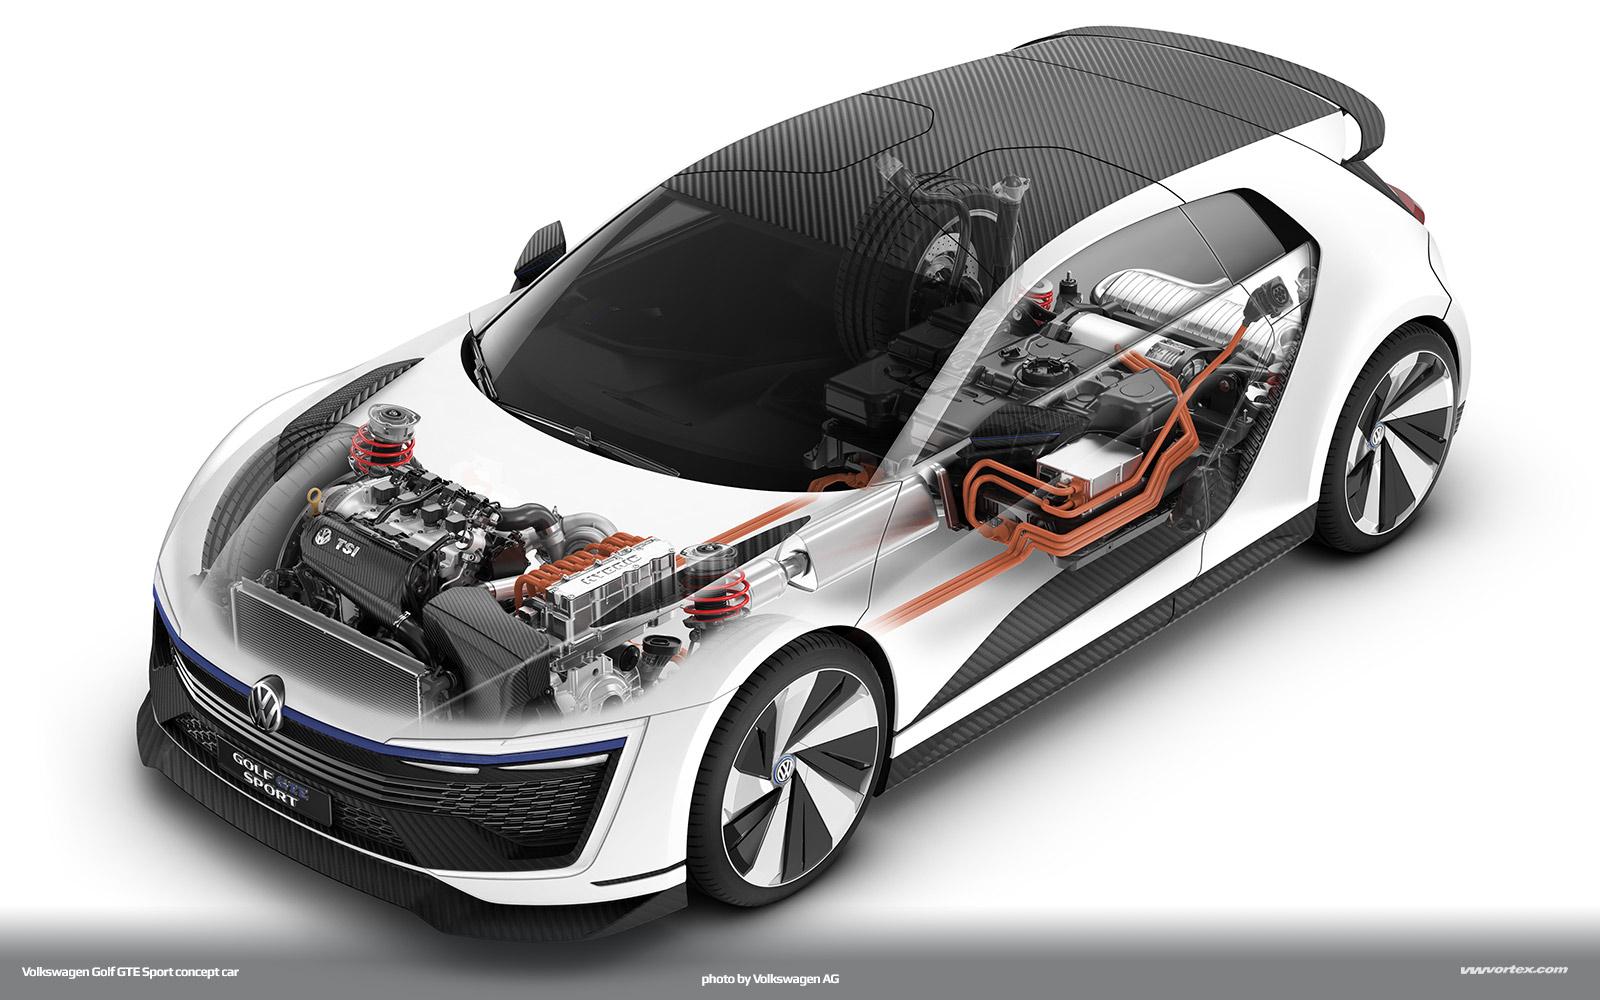 Volkswagen-Golf-GTE-Sport-concept-927